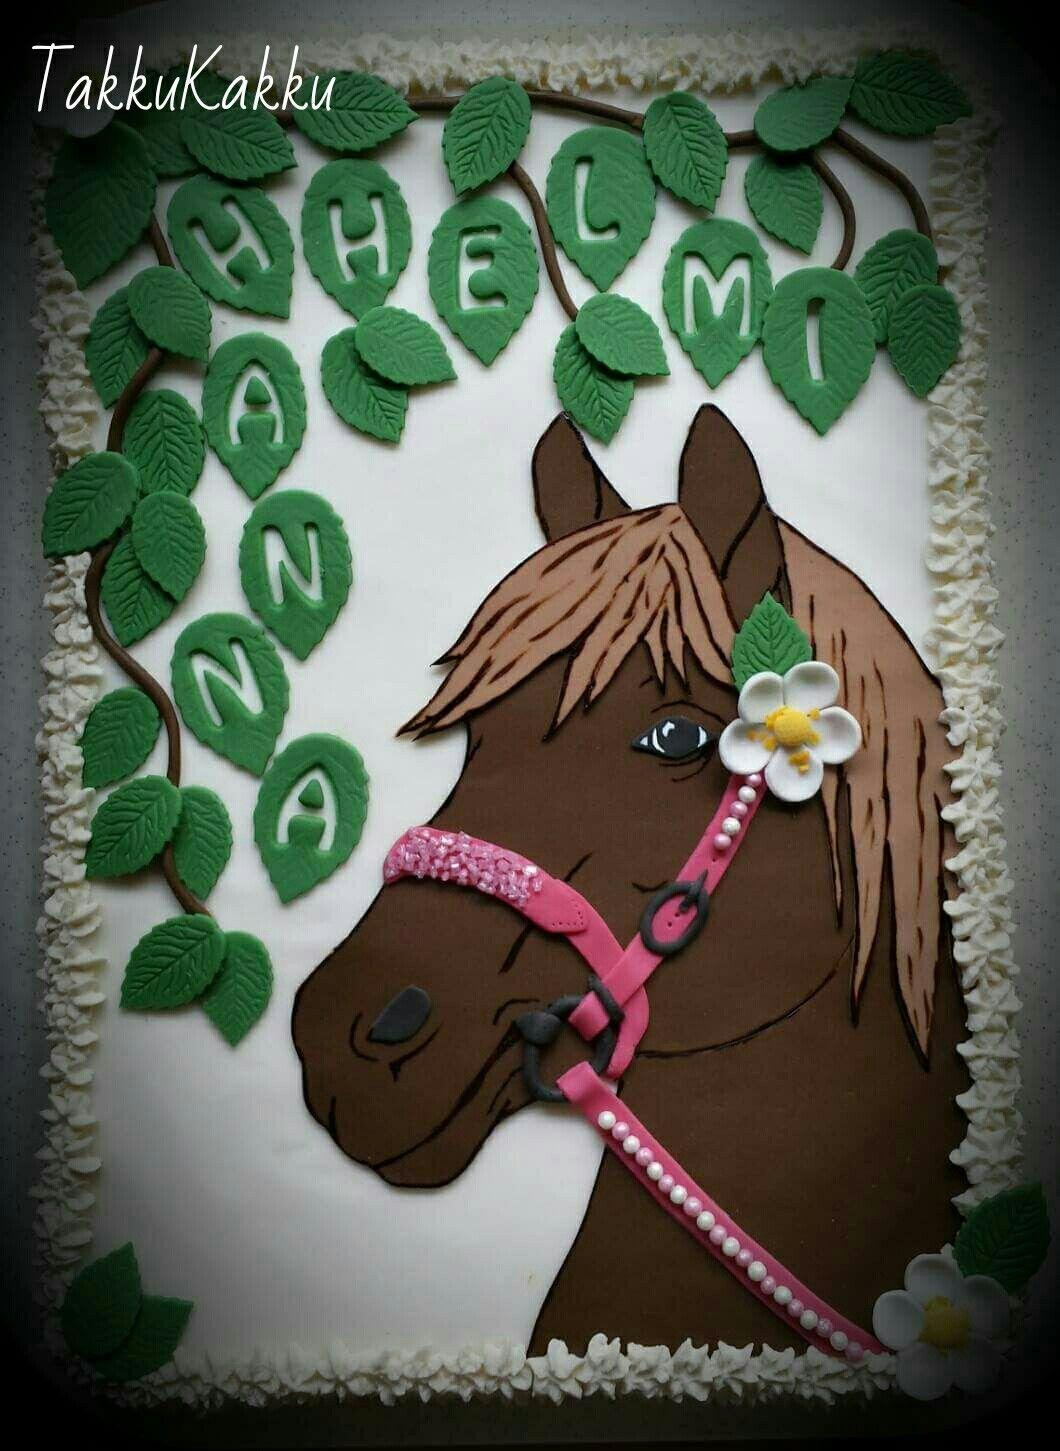 Summerhorse cake